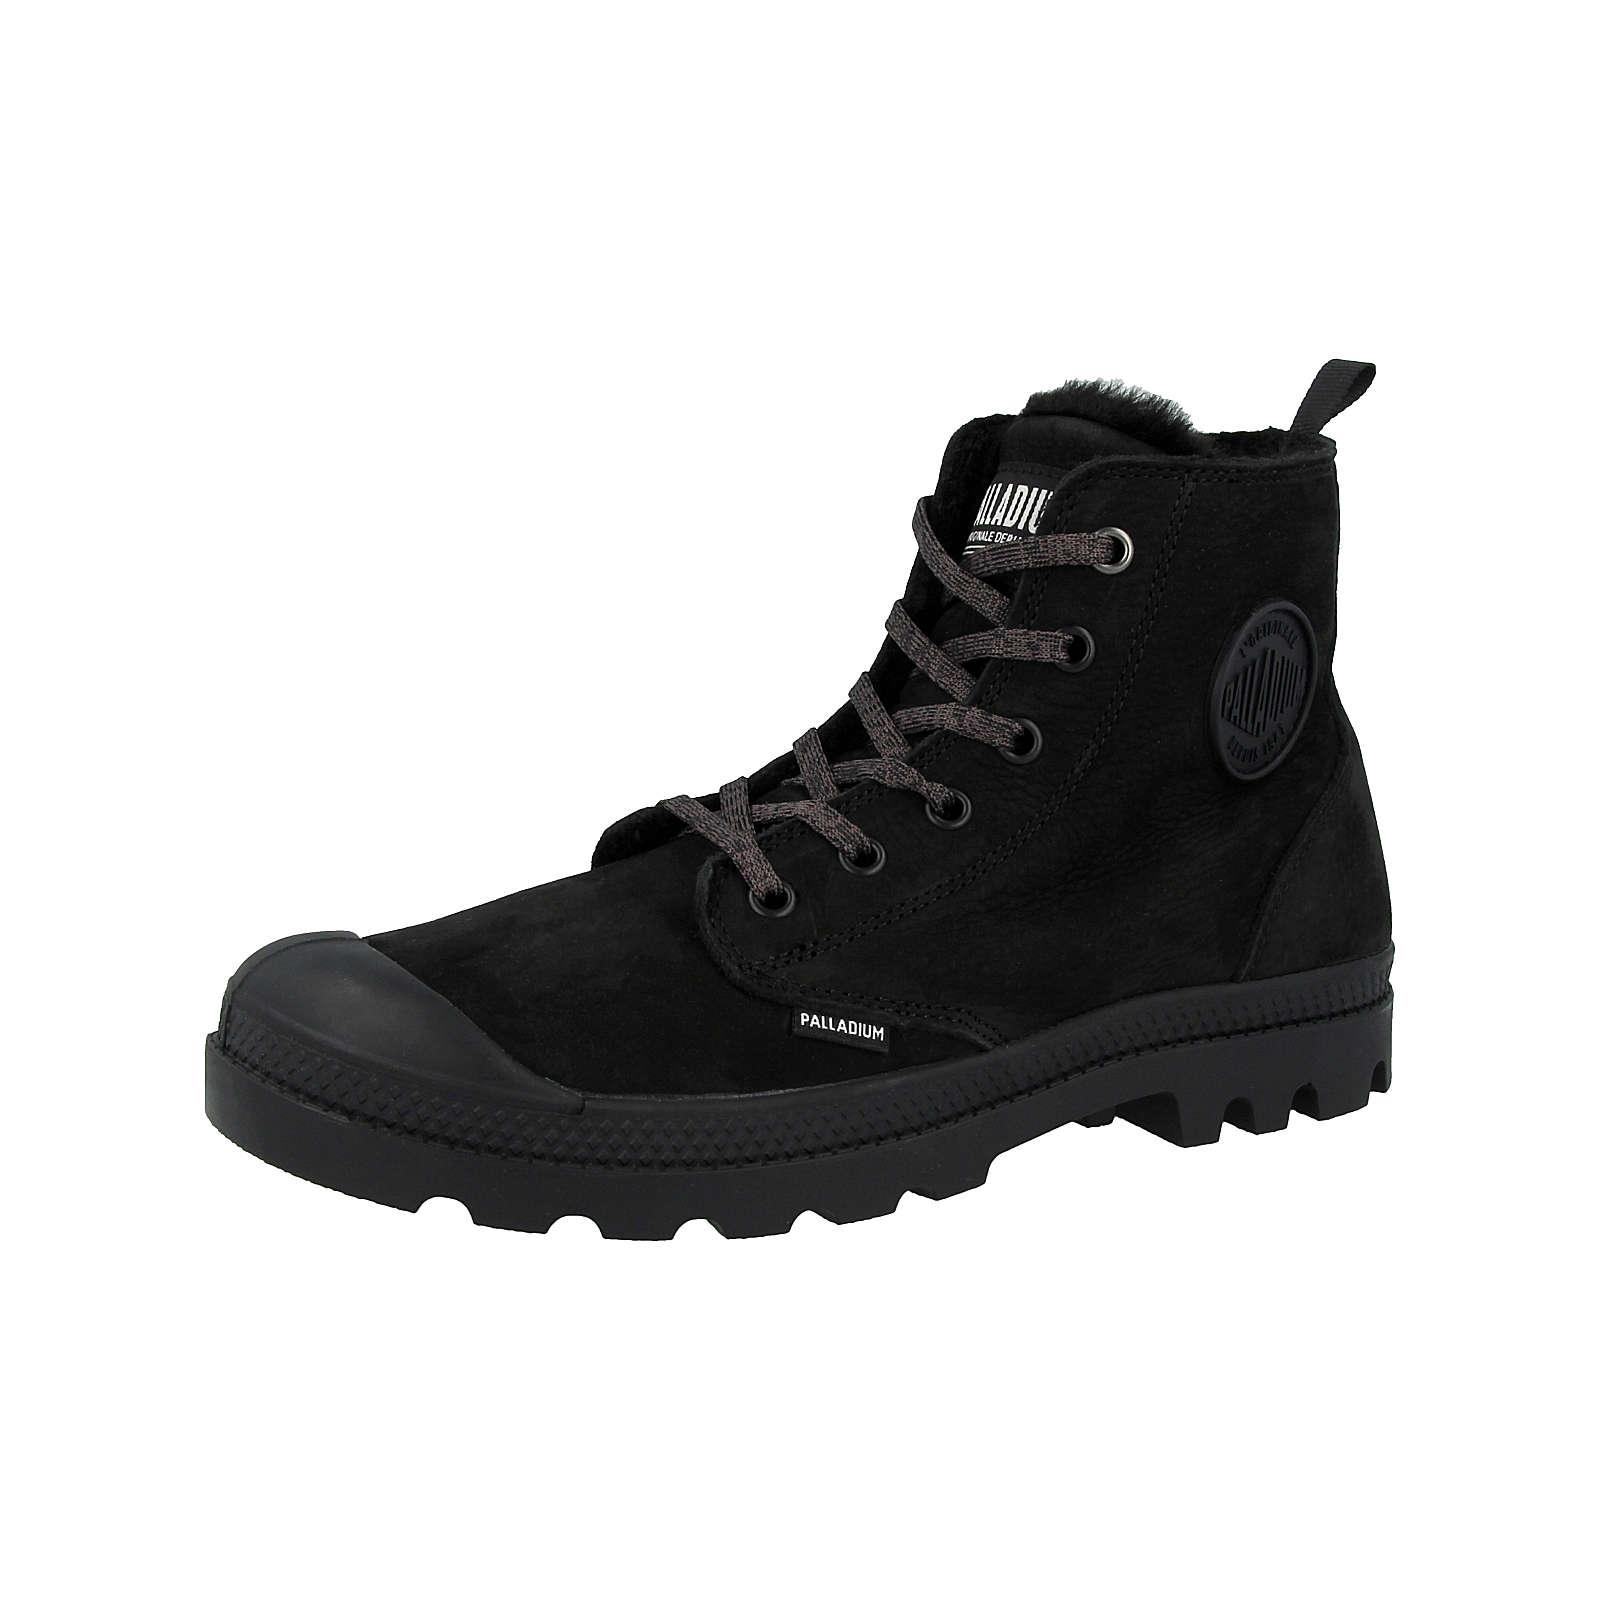 Palladium Schuhe Pampa Hi Zip WL Leather Schnürstiefeletten schwarz Damen Gr. 37